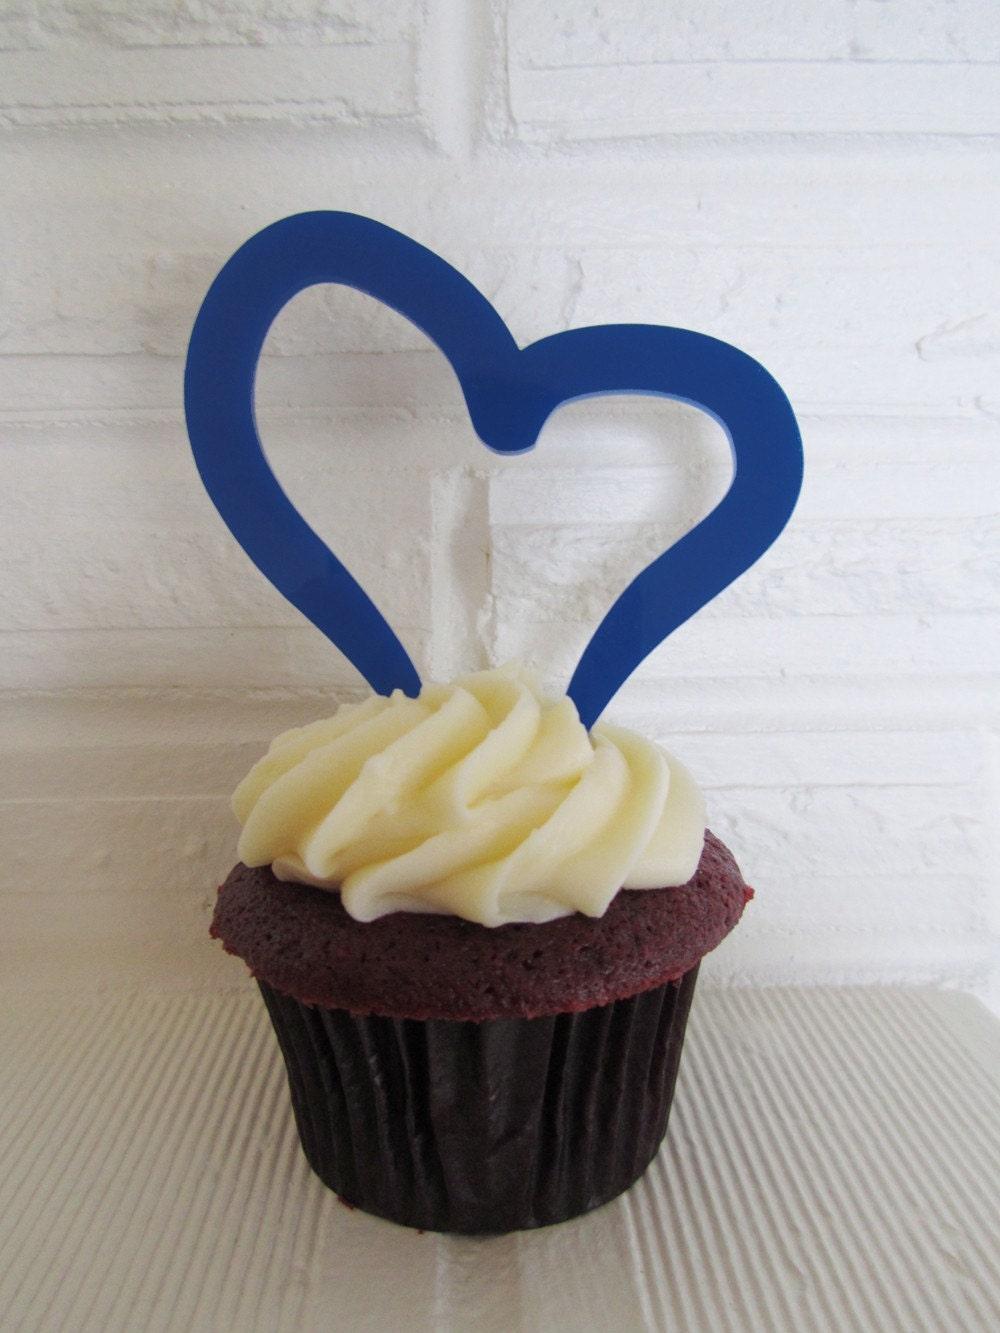 blue heart cake topper